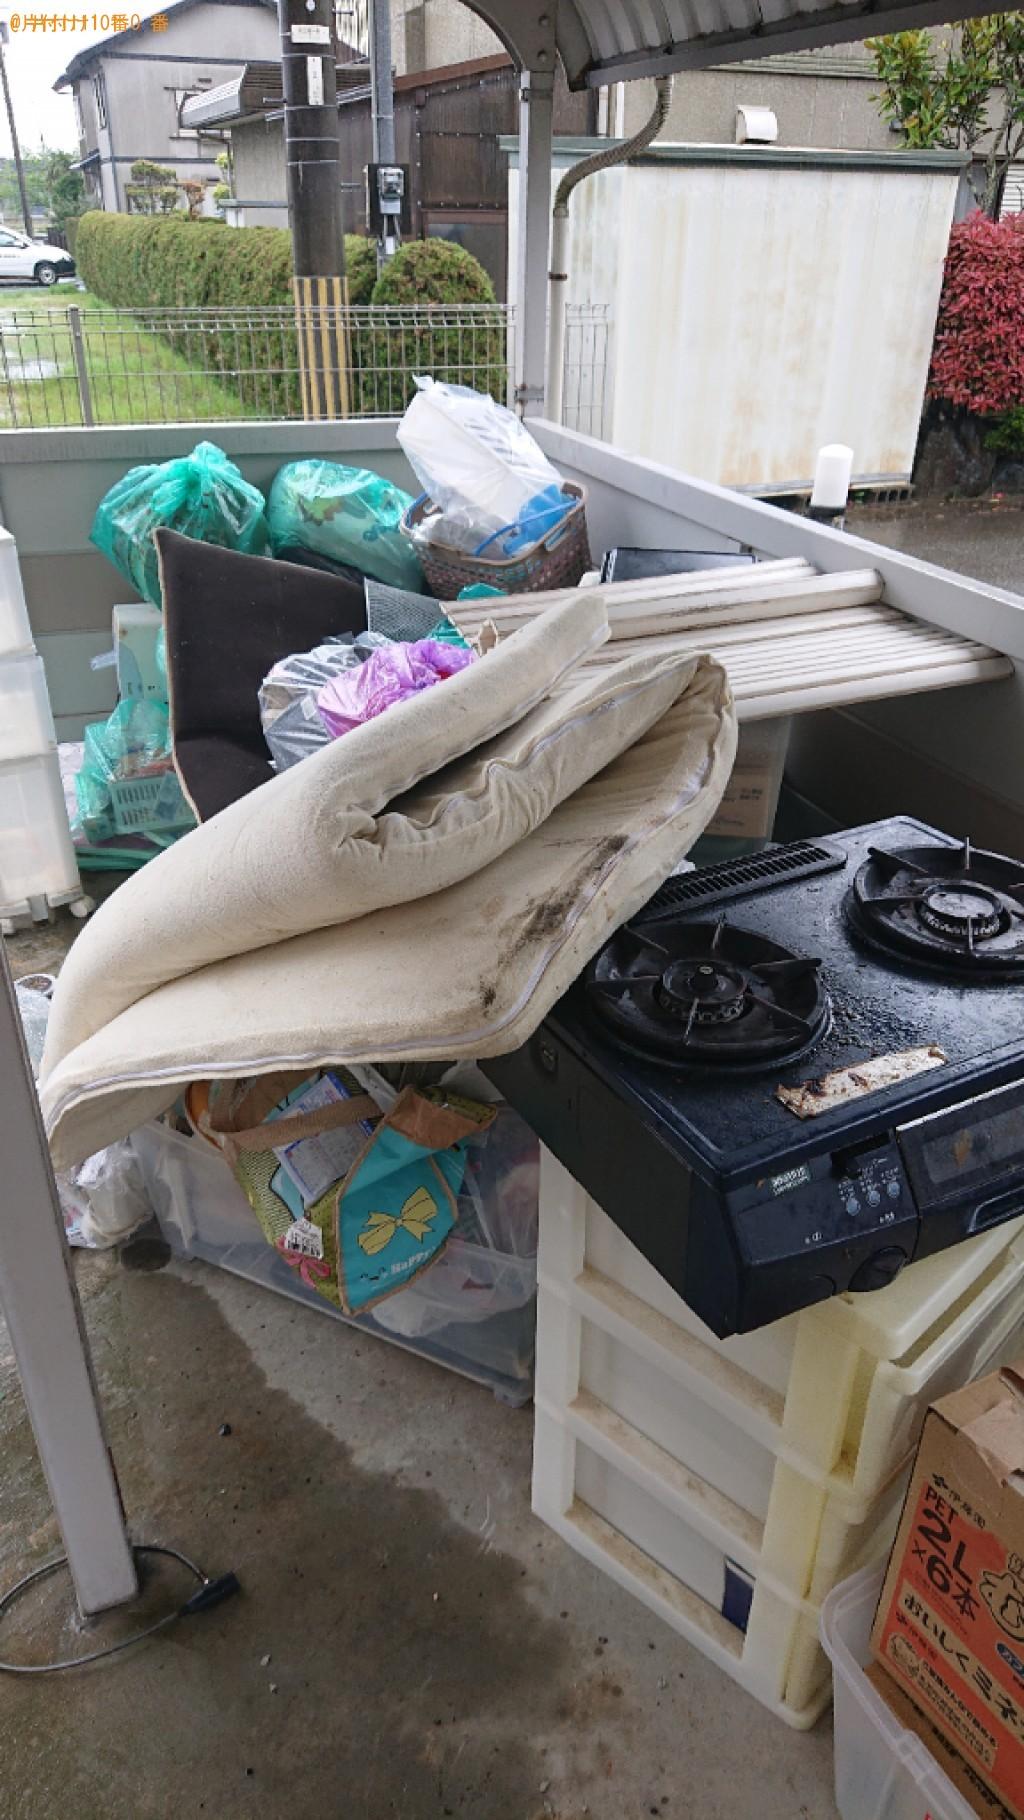 【大飯郡おおい町】トラックパックでの出張不用品回収・処分ご依頼